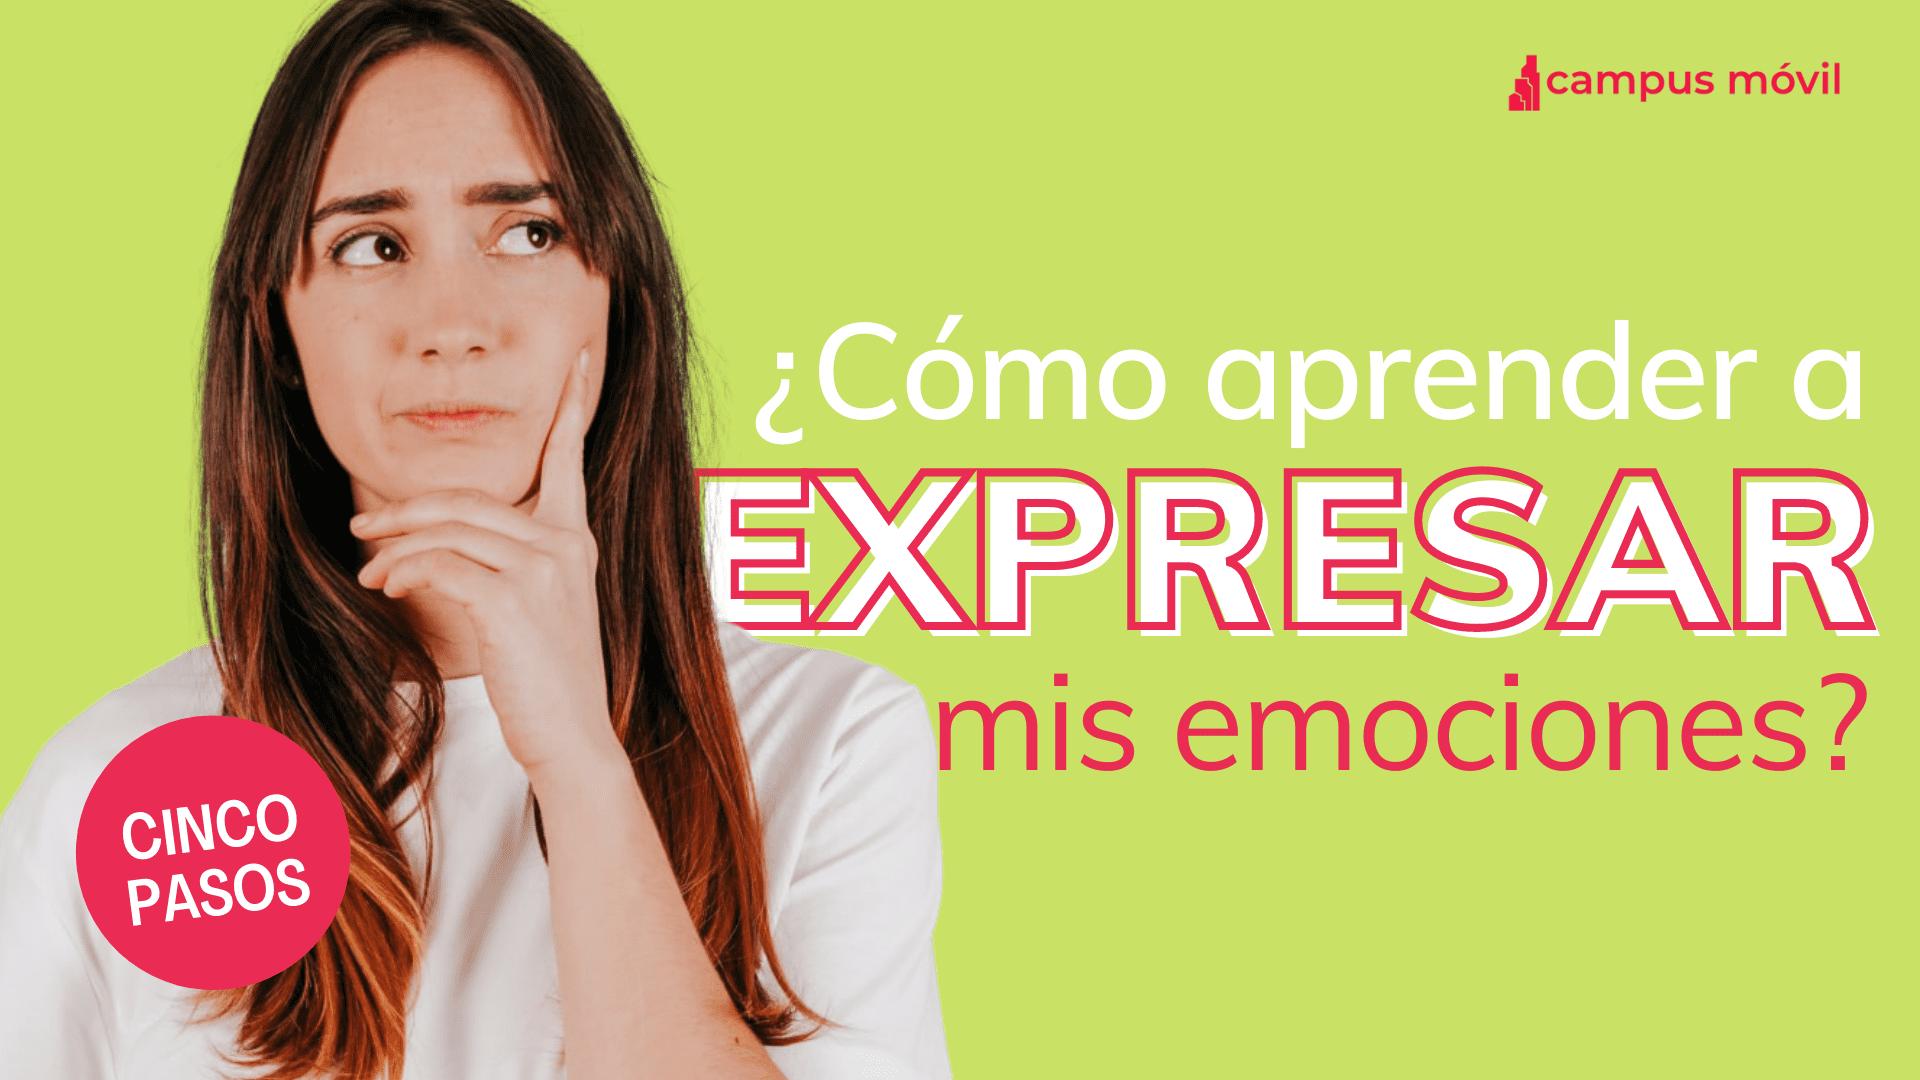 Aprende a expresar tus emociones